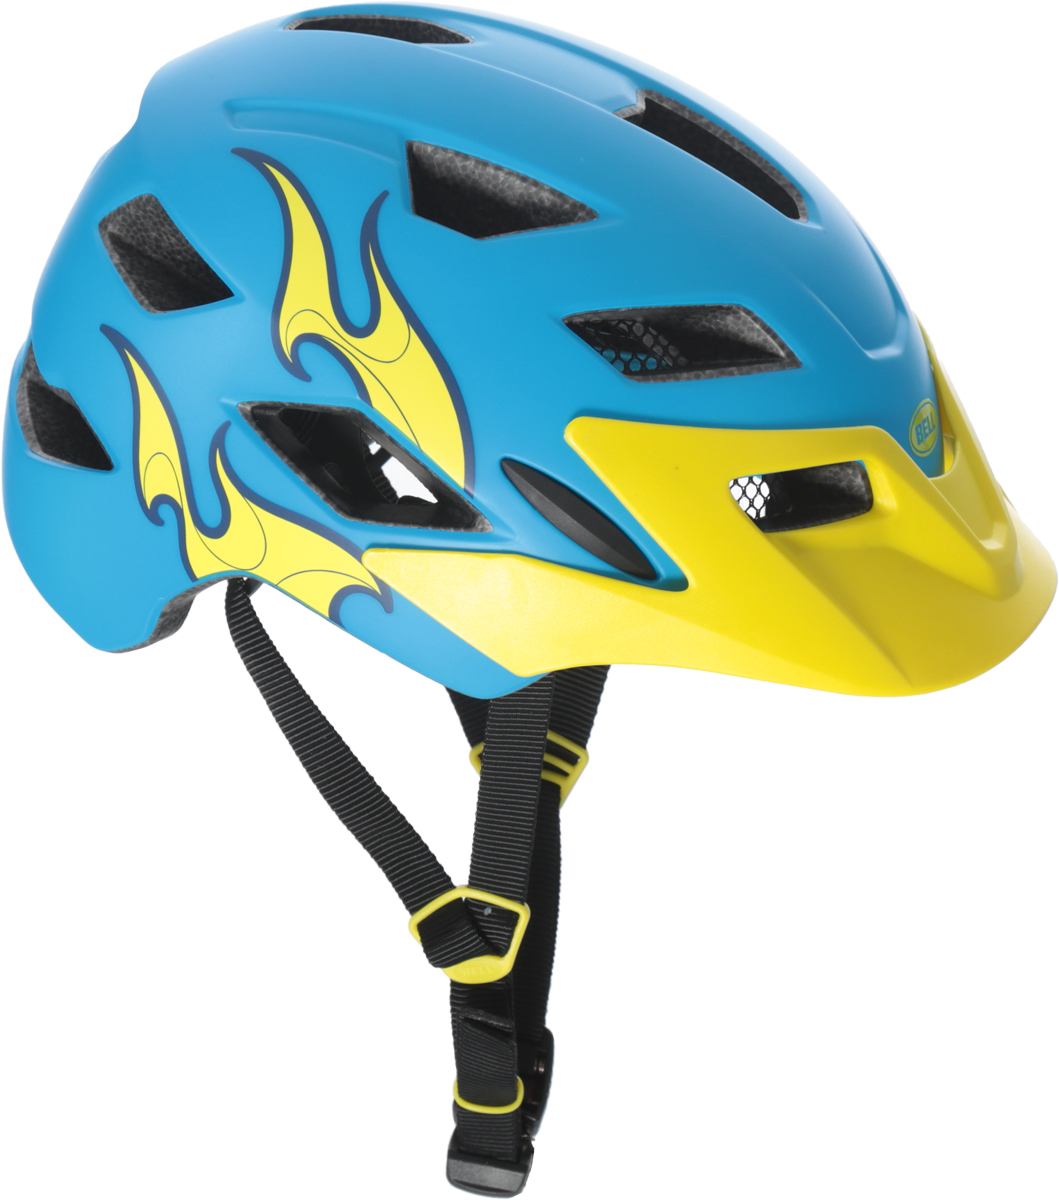 Шлем защитный детский Bell 17 Sidetrack, цвет: голубой, желтый. Размер YBE7084324_голубой, желтыйШлем защитный детский Bell 17 Sidetrack, цвет: голубой, желтый. Размер Y